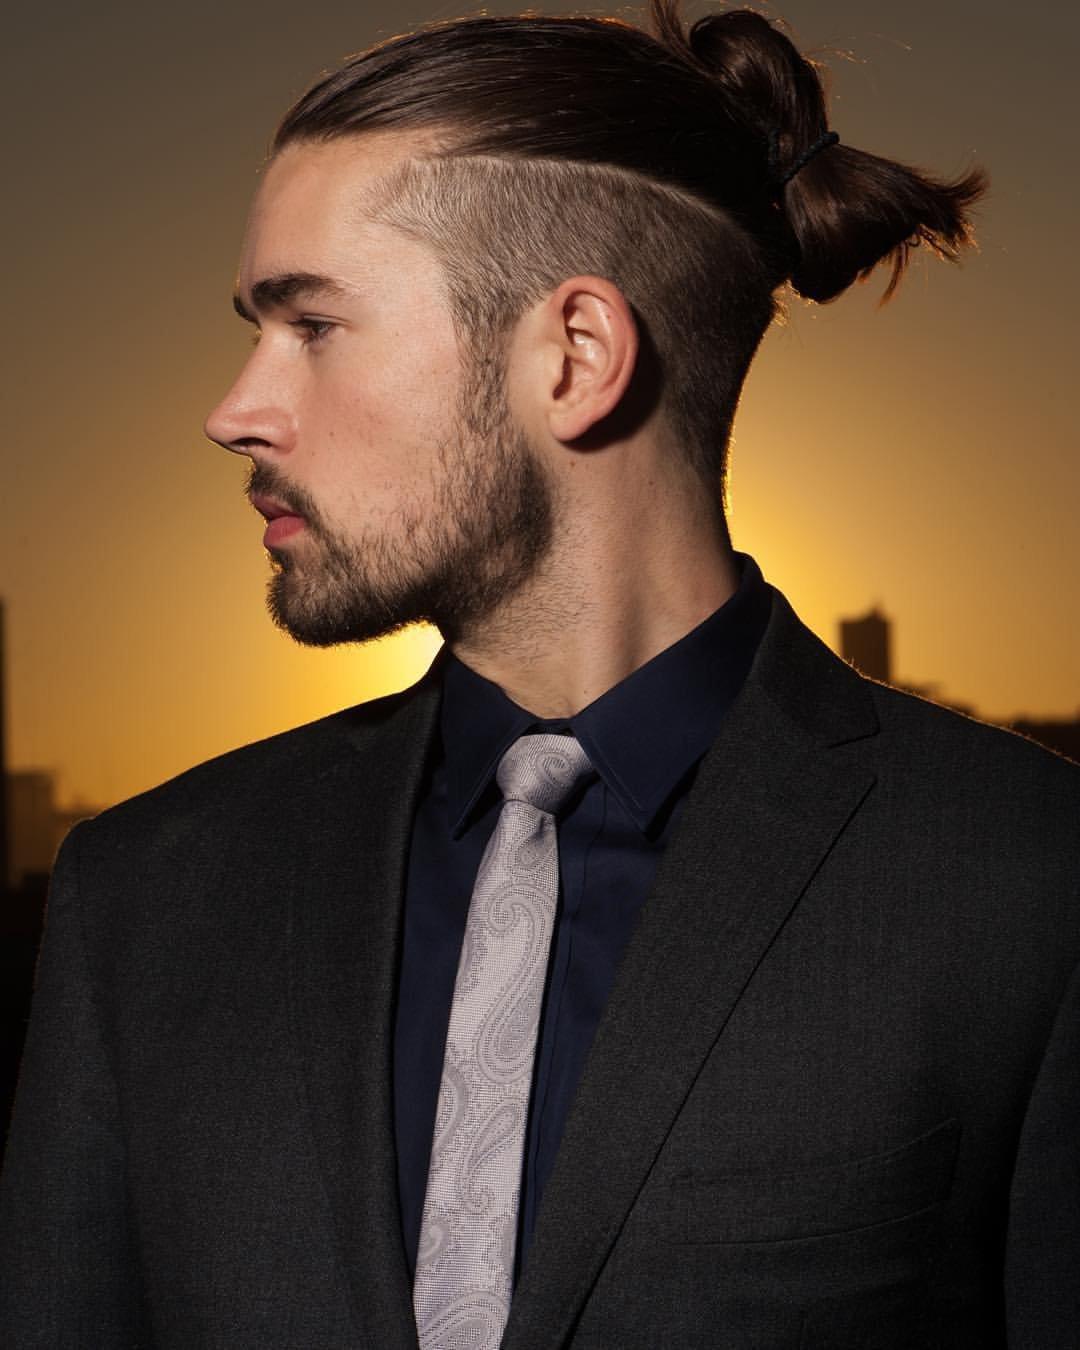 Прическа хвост на голове мужская